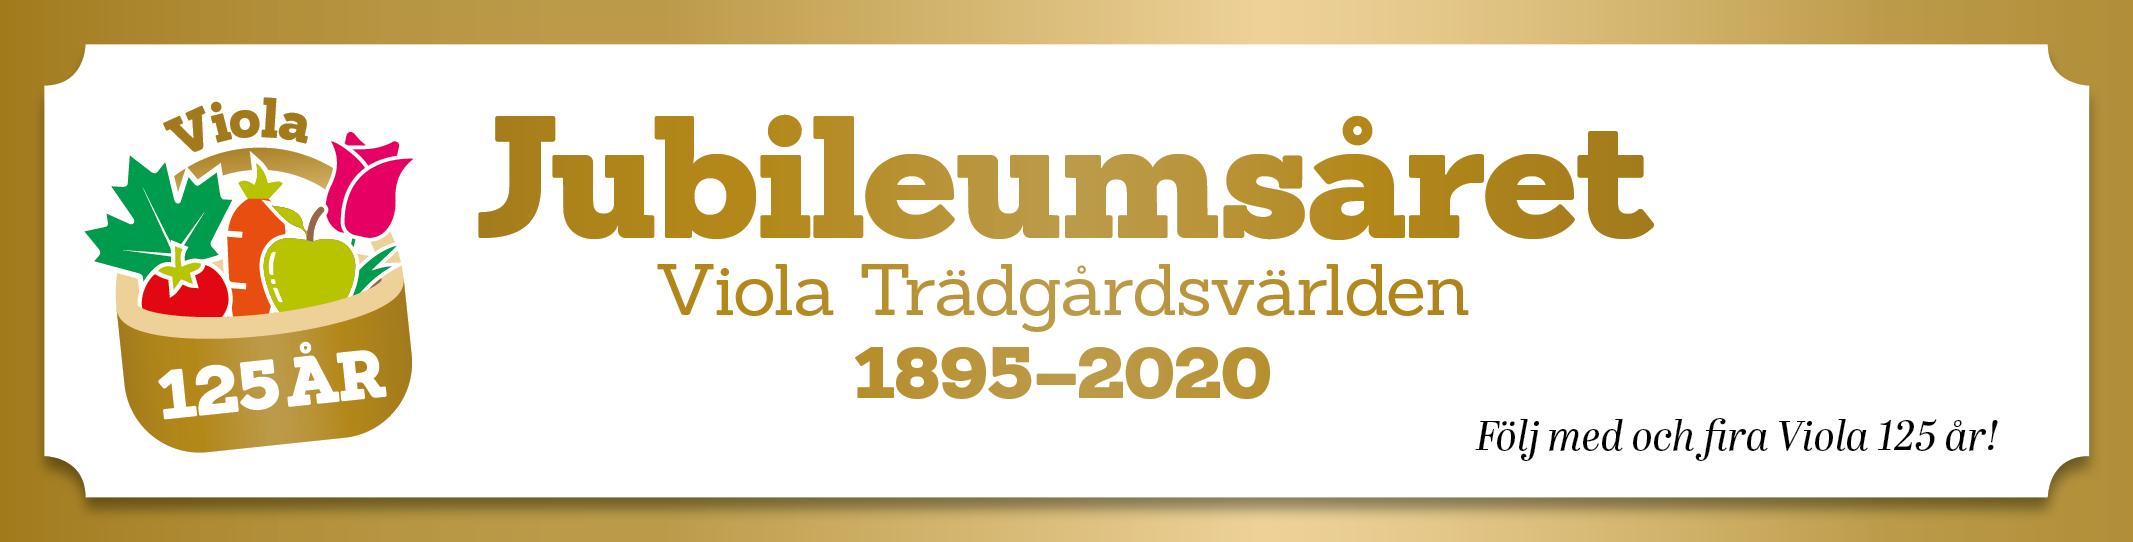 Viola 125 år